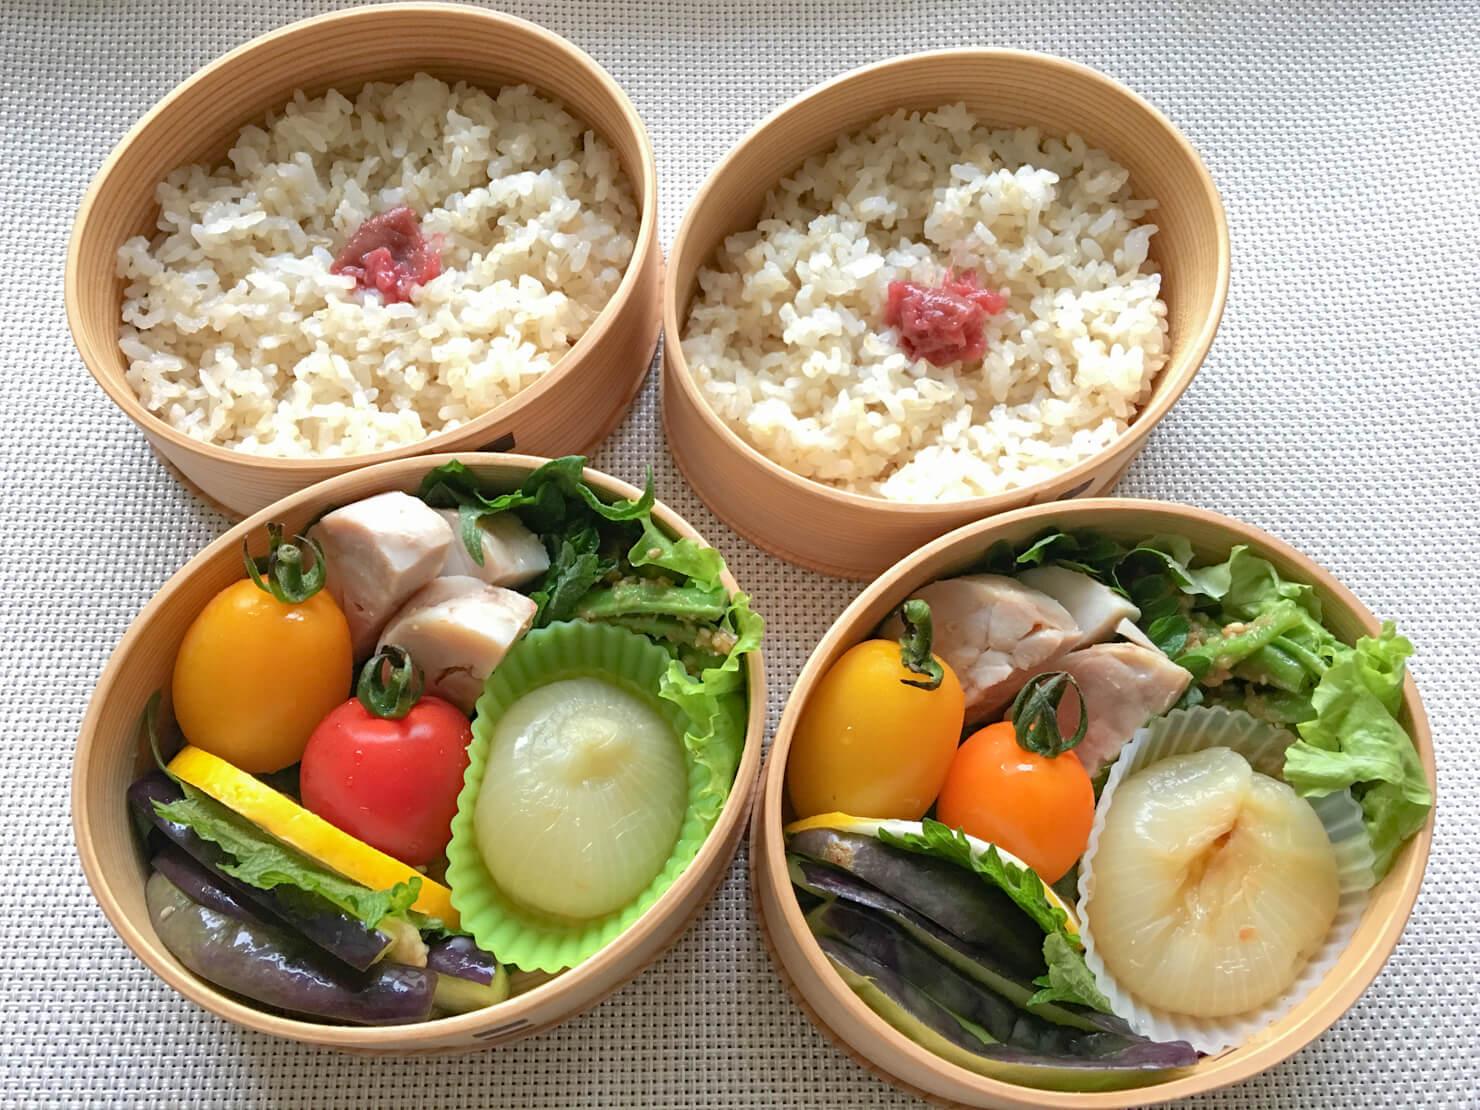 玉ねぎの煮物入りお弁当の写真